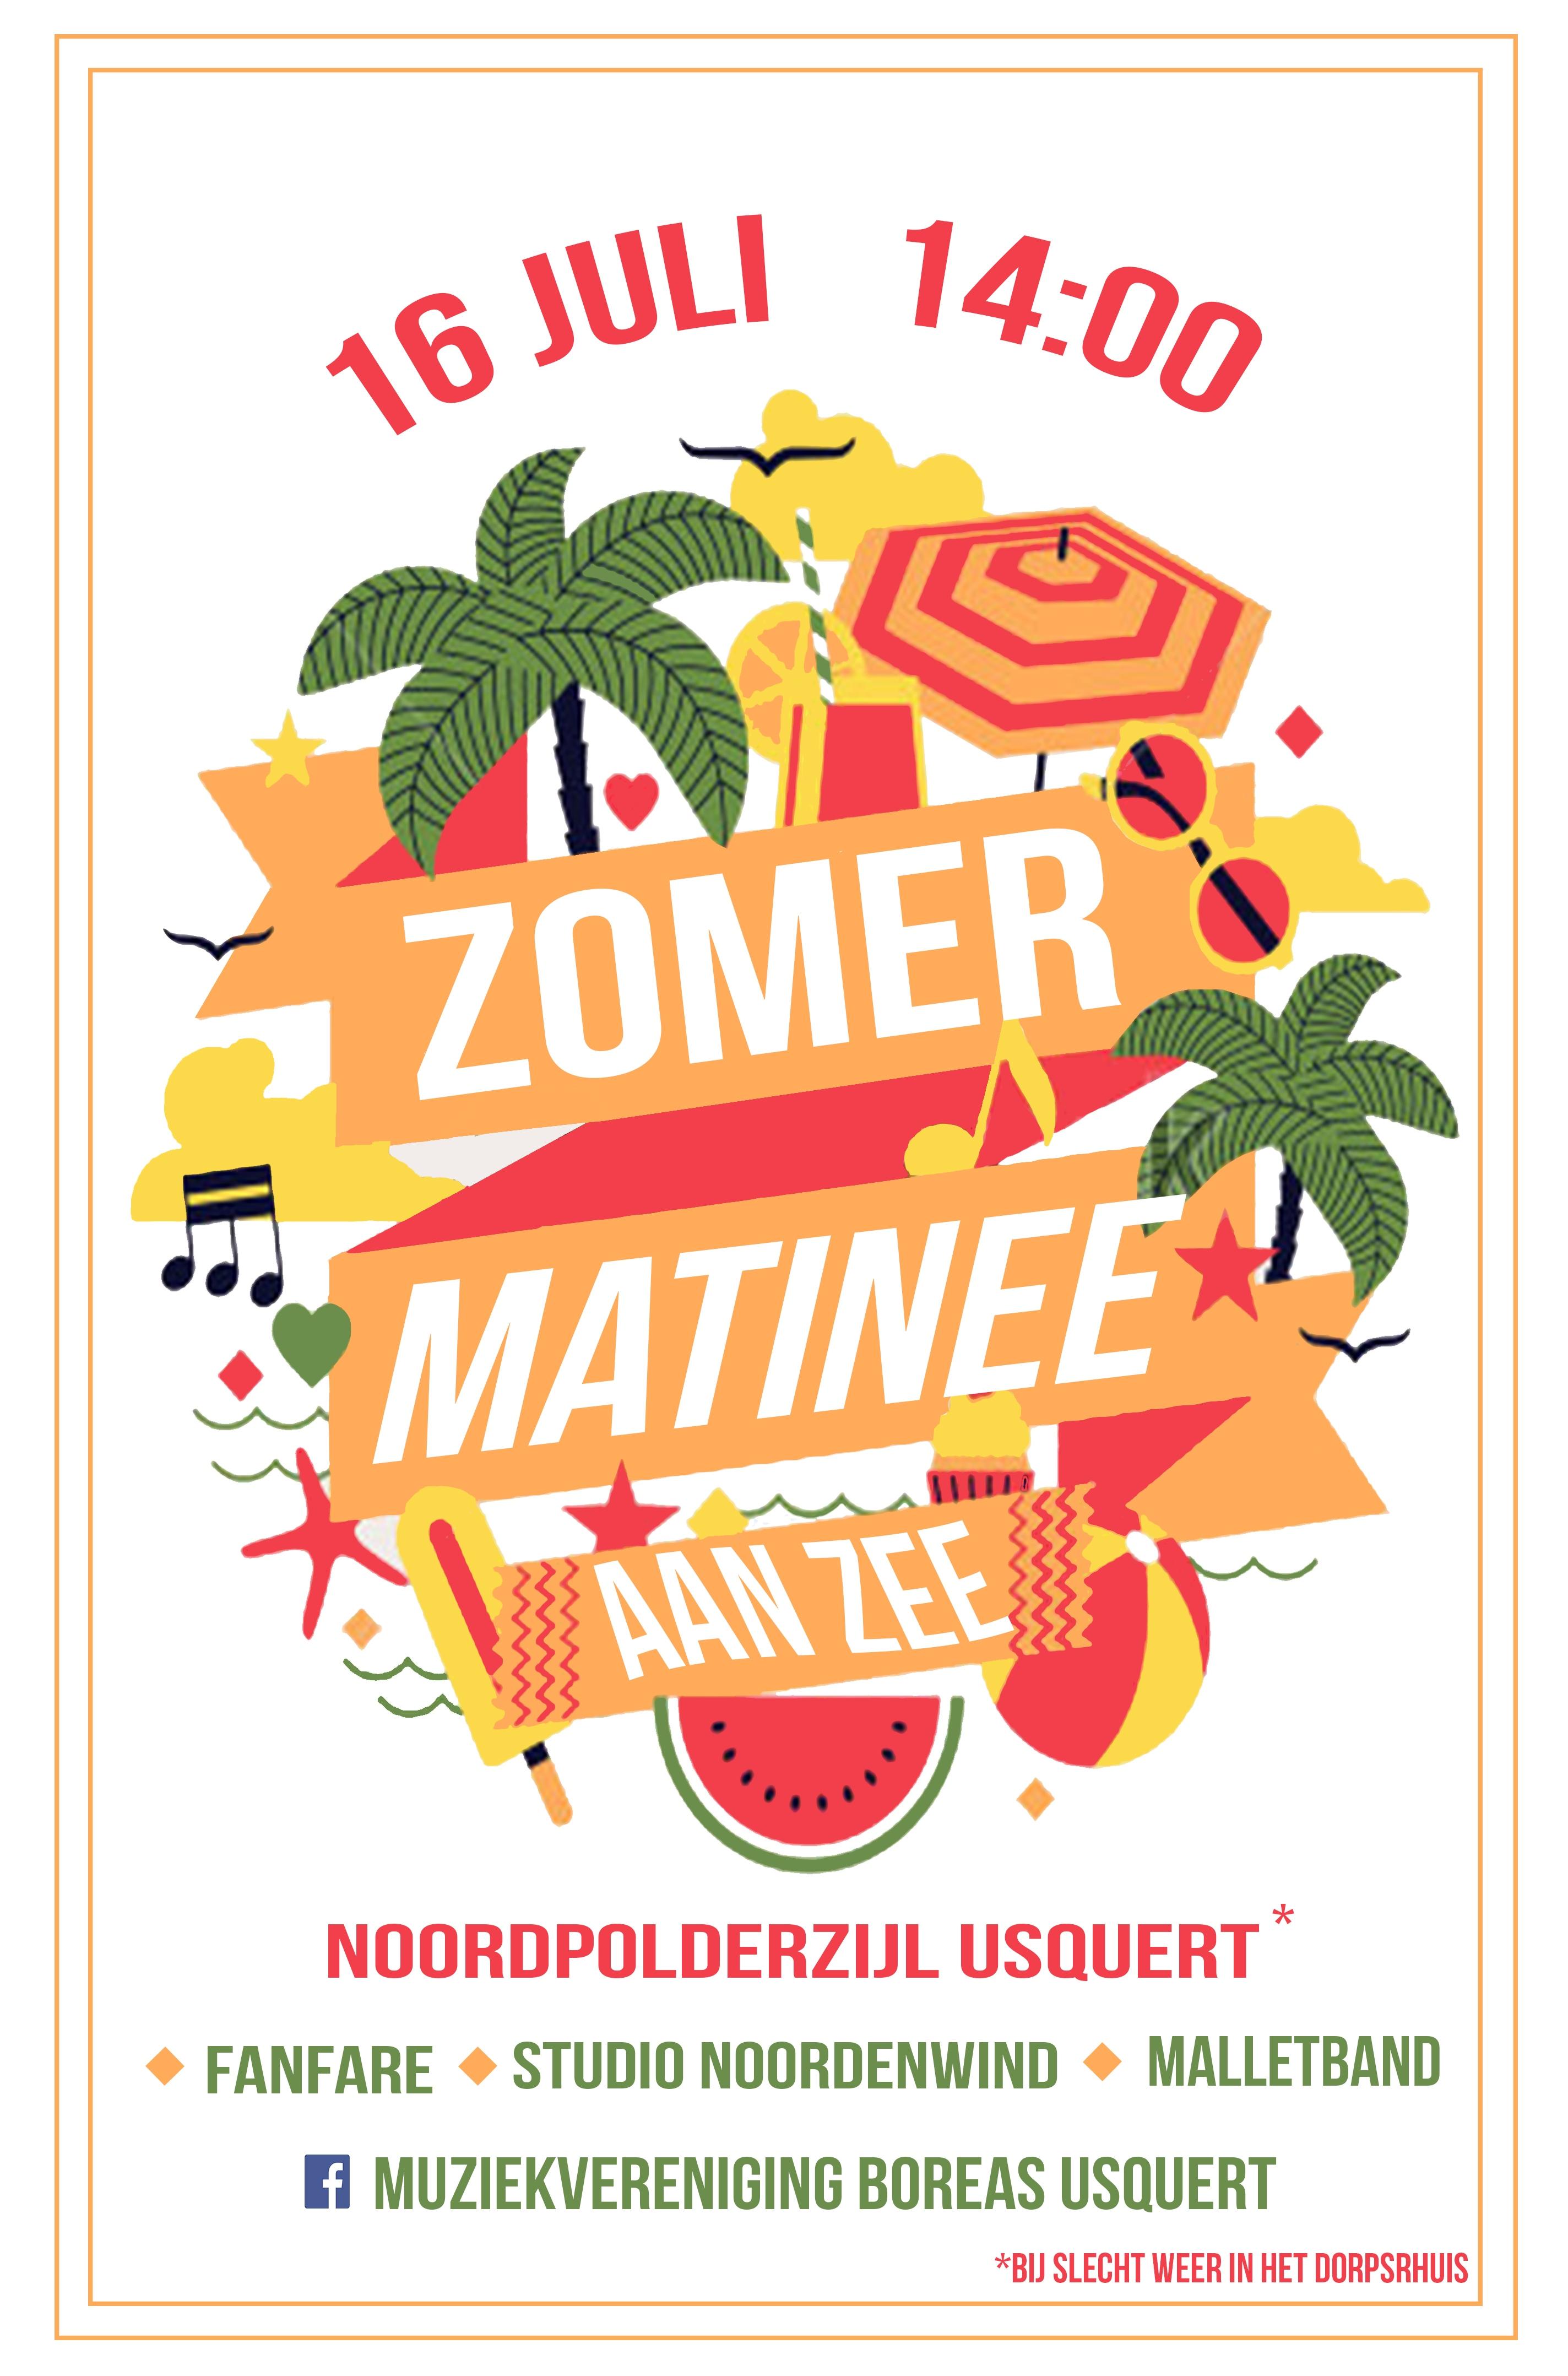 Zomer Matinee aan Zee @ Café 't Zielhoes | Usquert | Groningen | Nederland